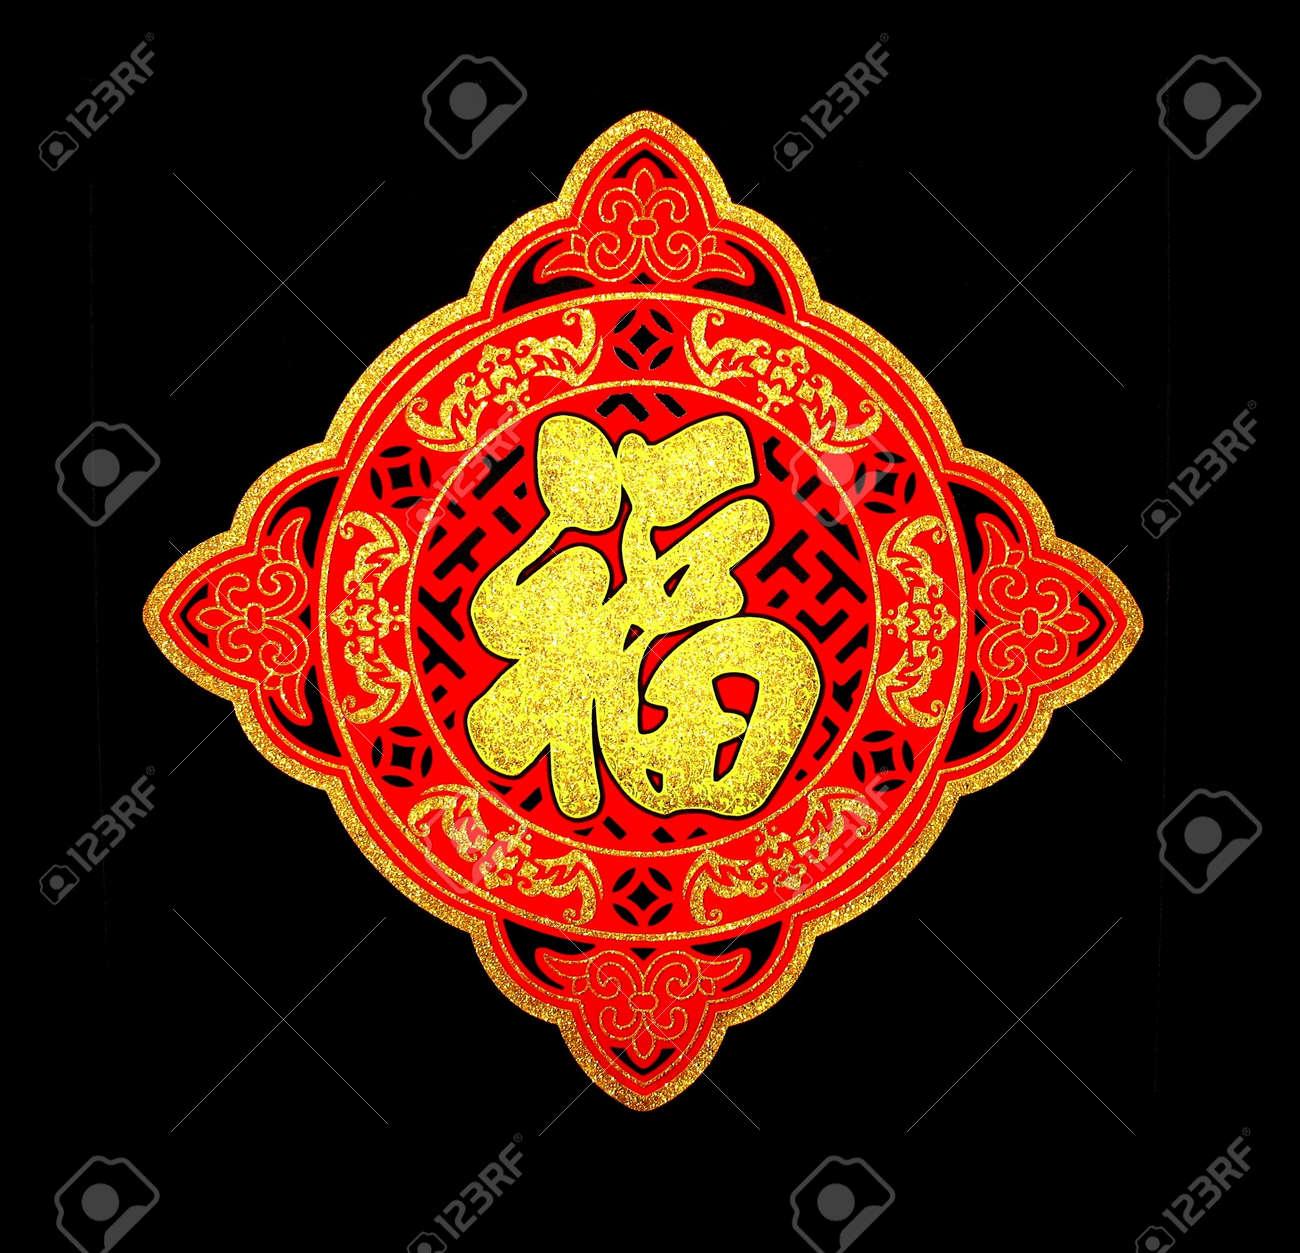 Ein Neues Jahr-Dekoration Mit Der Chinesischen Zeichen, Das Glück ...